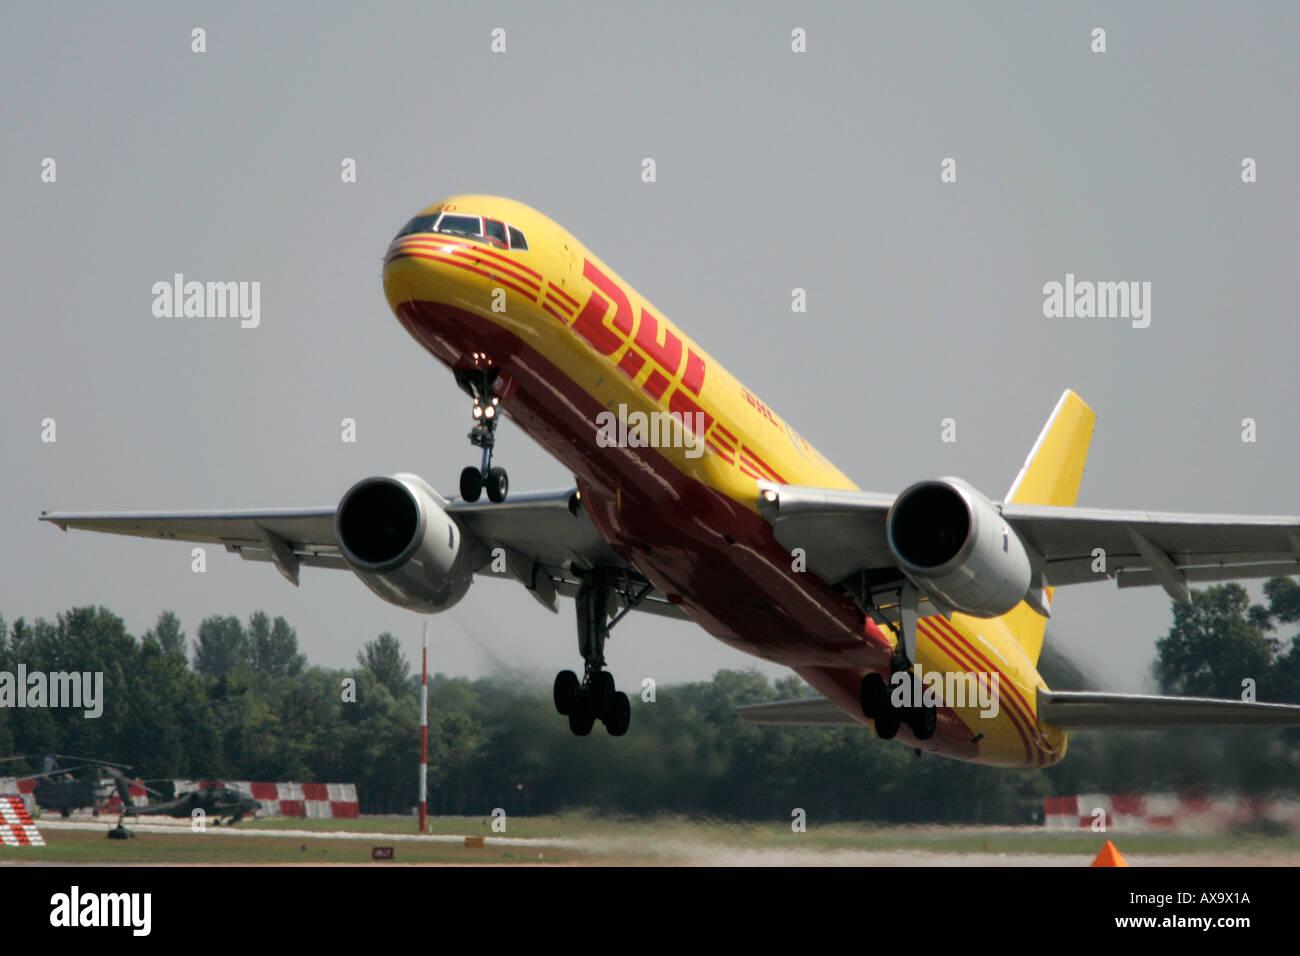 Dhl Shipping Stockfotos Amp Dhl Shipping Bilder Alamy